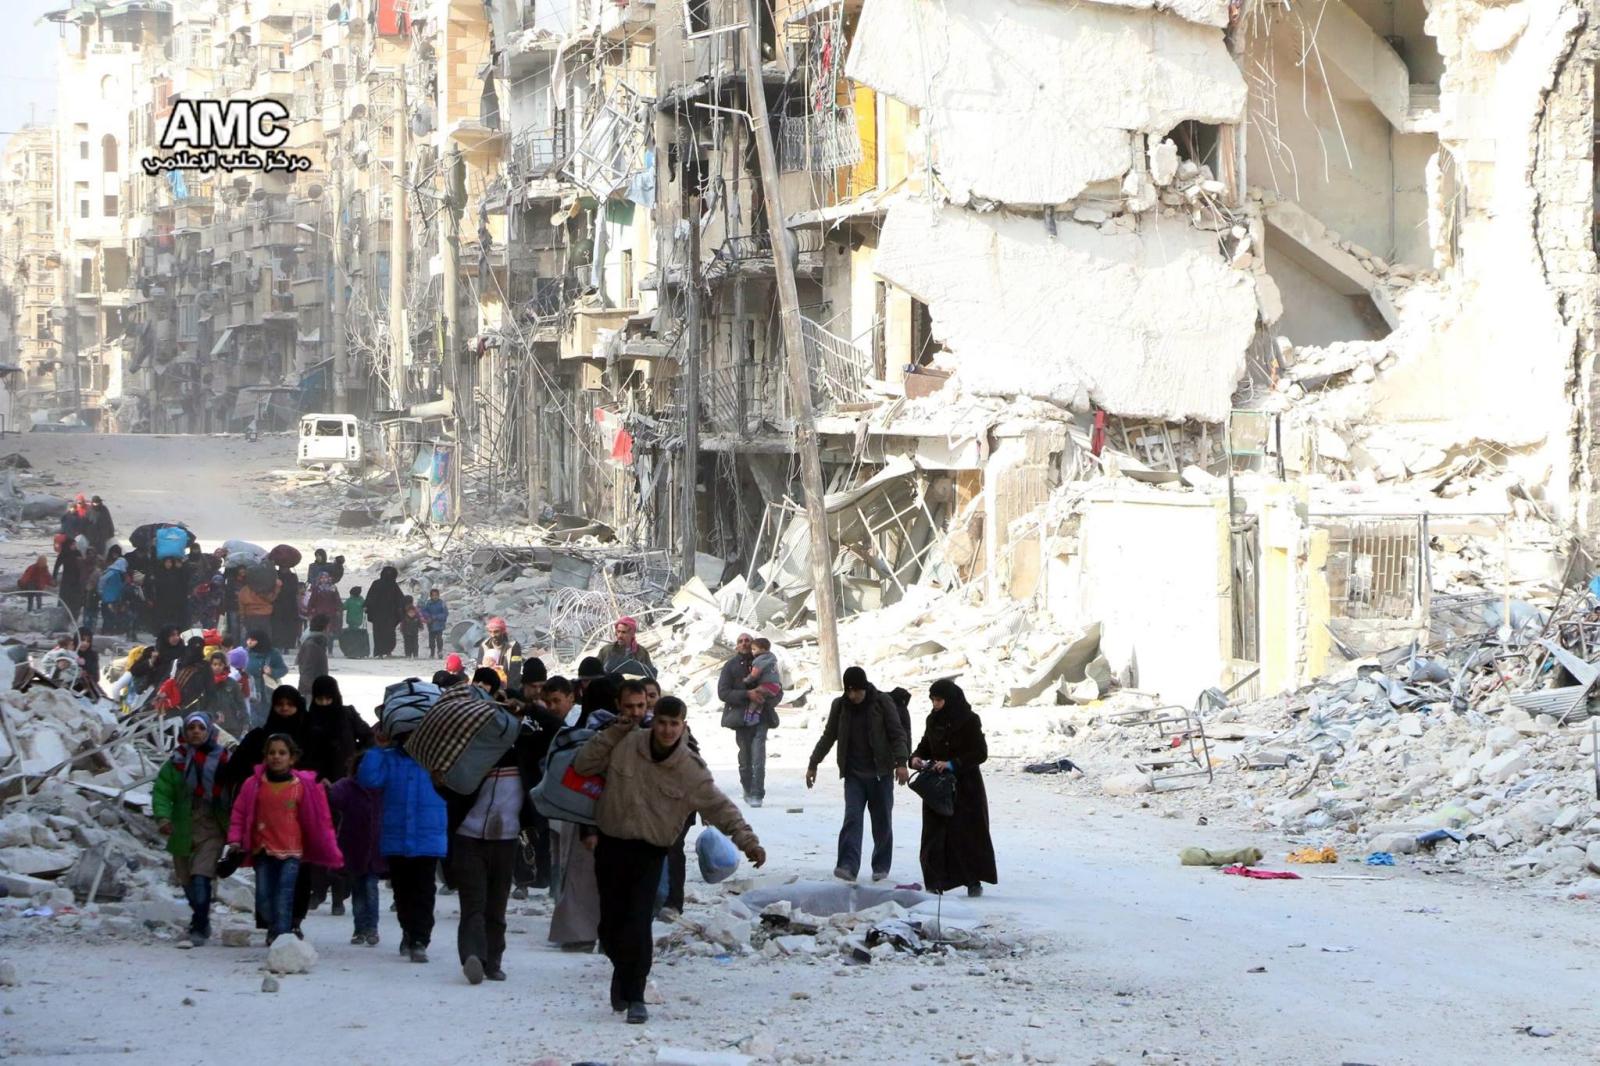 Ludzie opuszczają Aleppo w wyniku trwającego konfliktu.